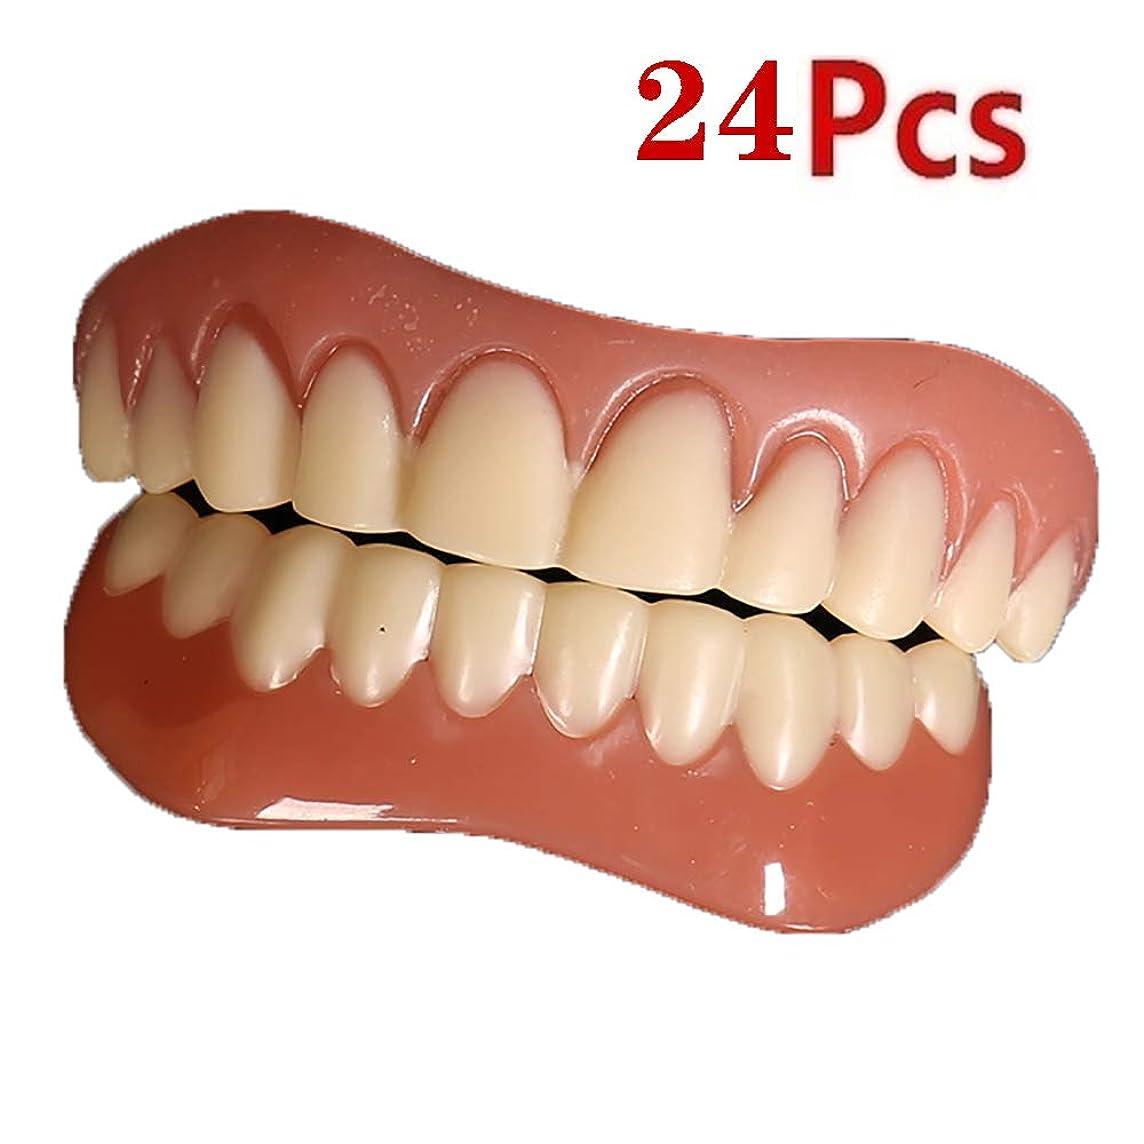 12セット完璧な笑顔のベニヤダブ悪い歯のための歯の修正のための在庫で完璧な笑顔のベニヤ歯ホワイトニング